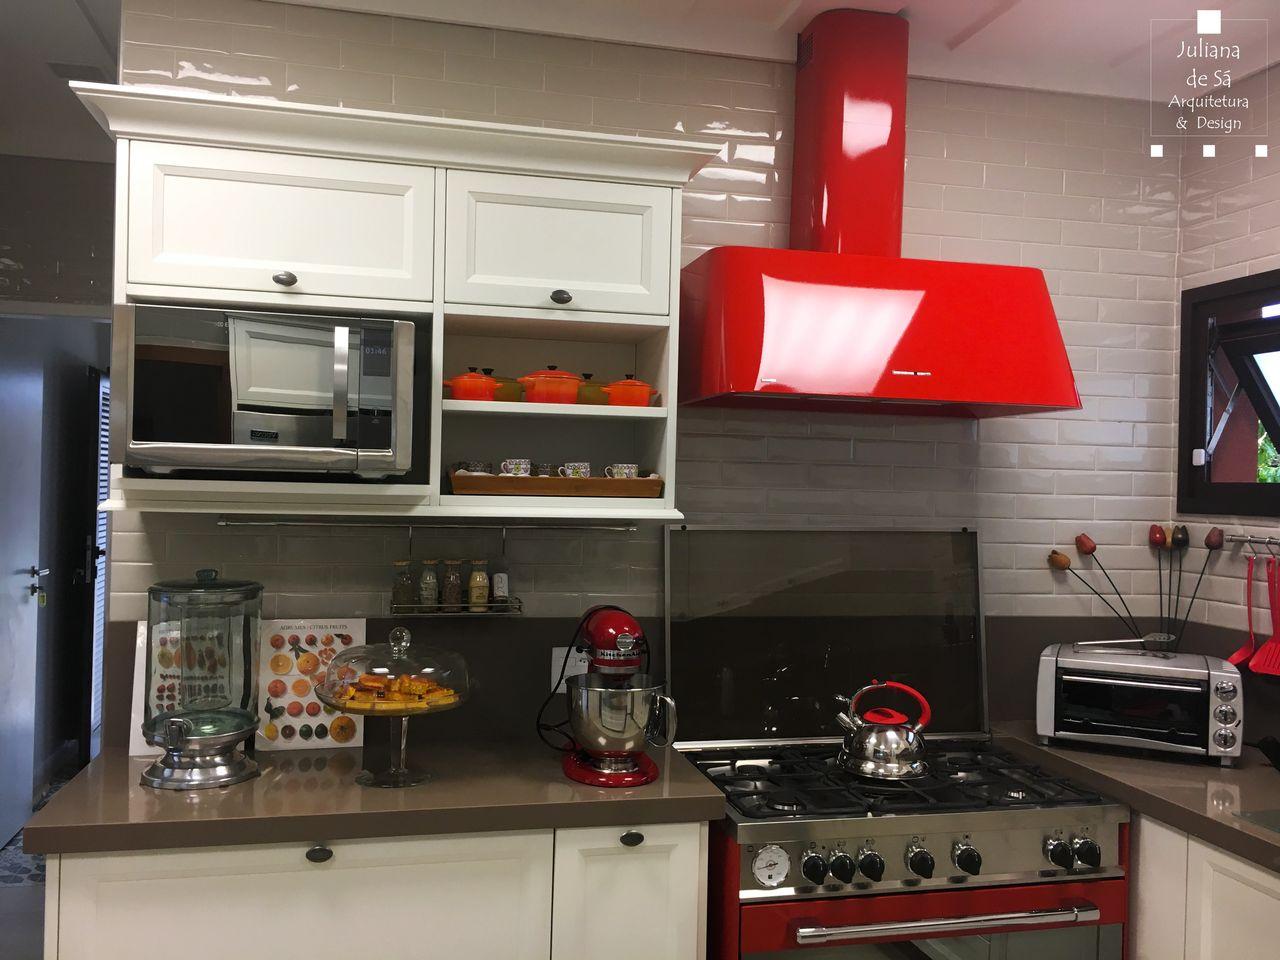 Cozinha Moderna Com Eletrodom Sticos Coloridos De Juliana De S